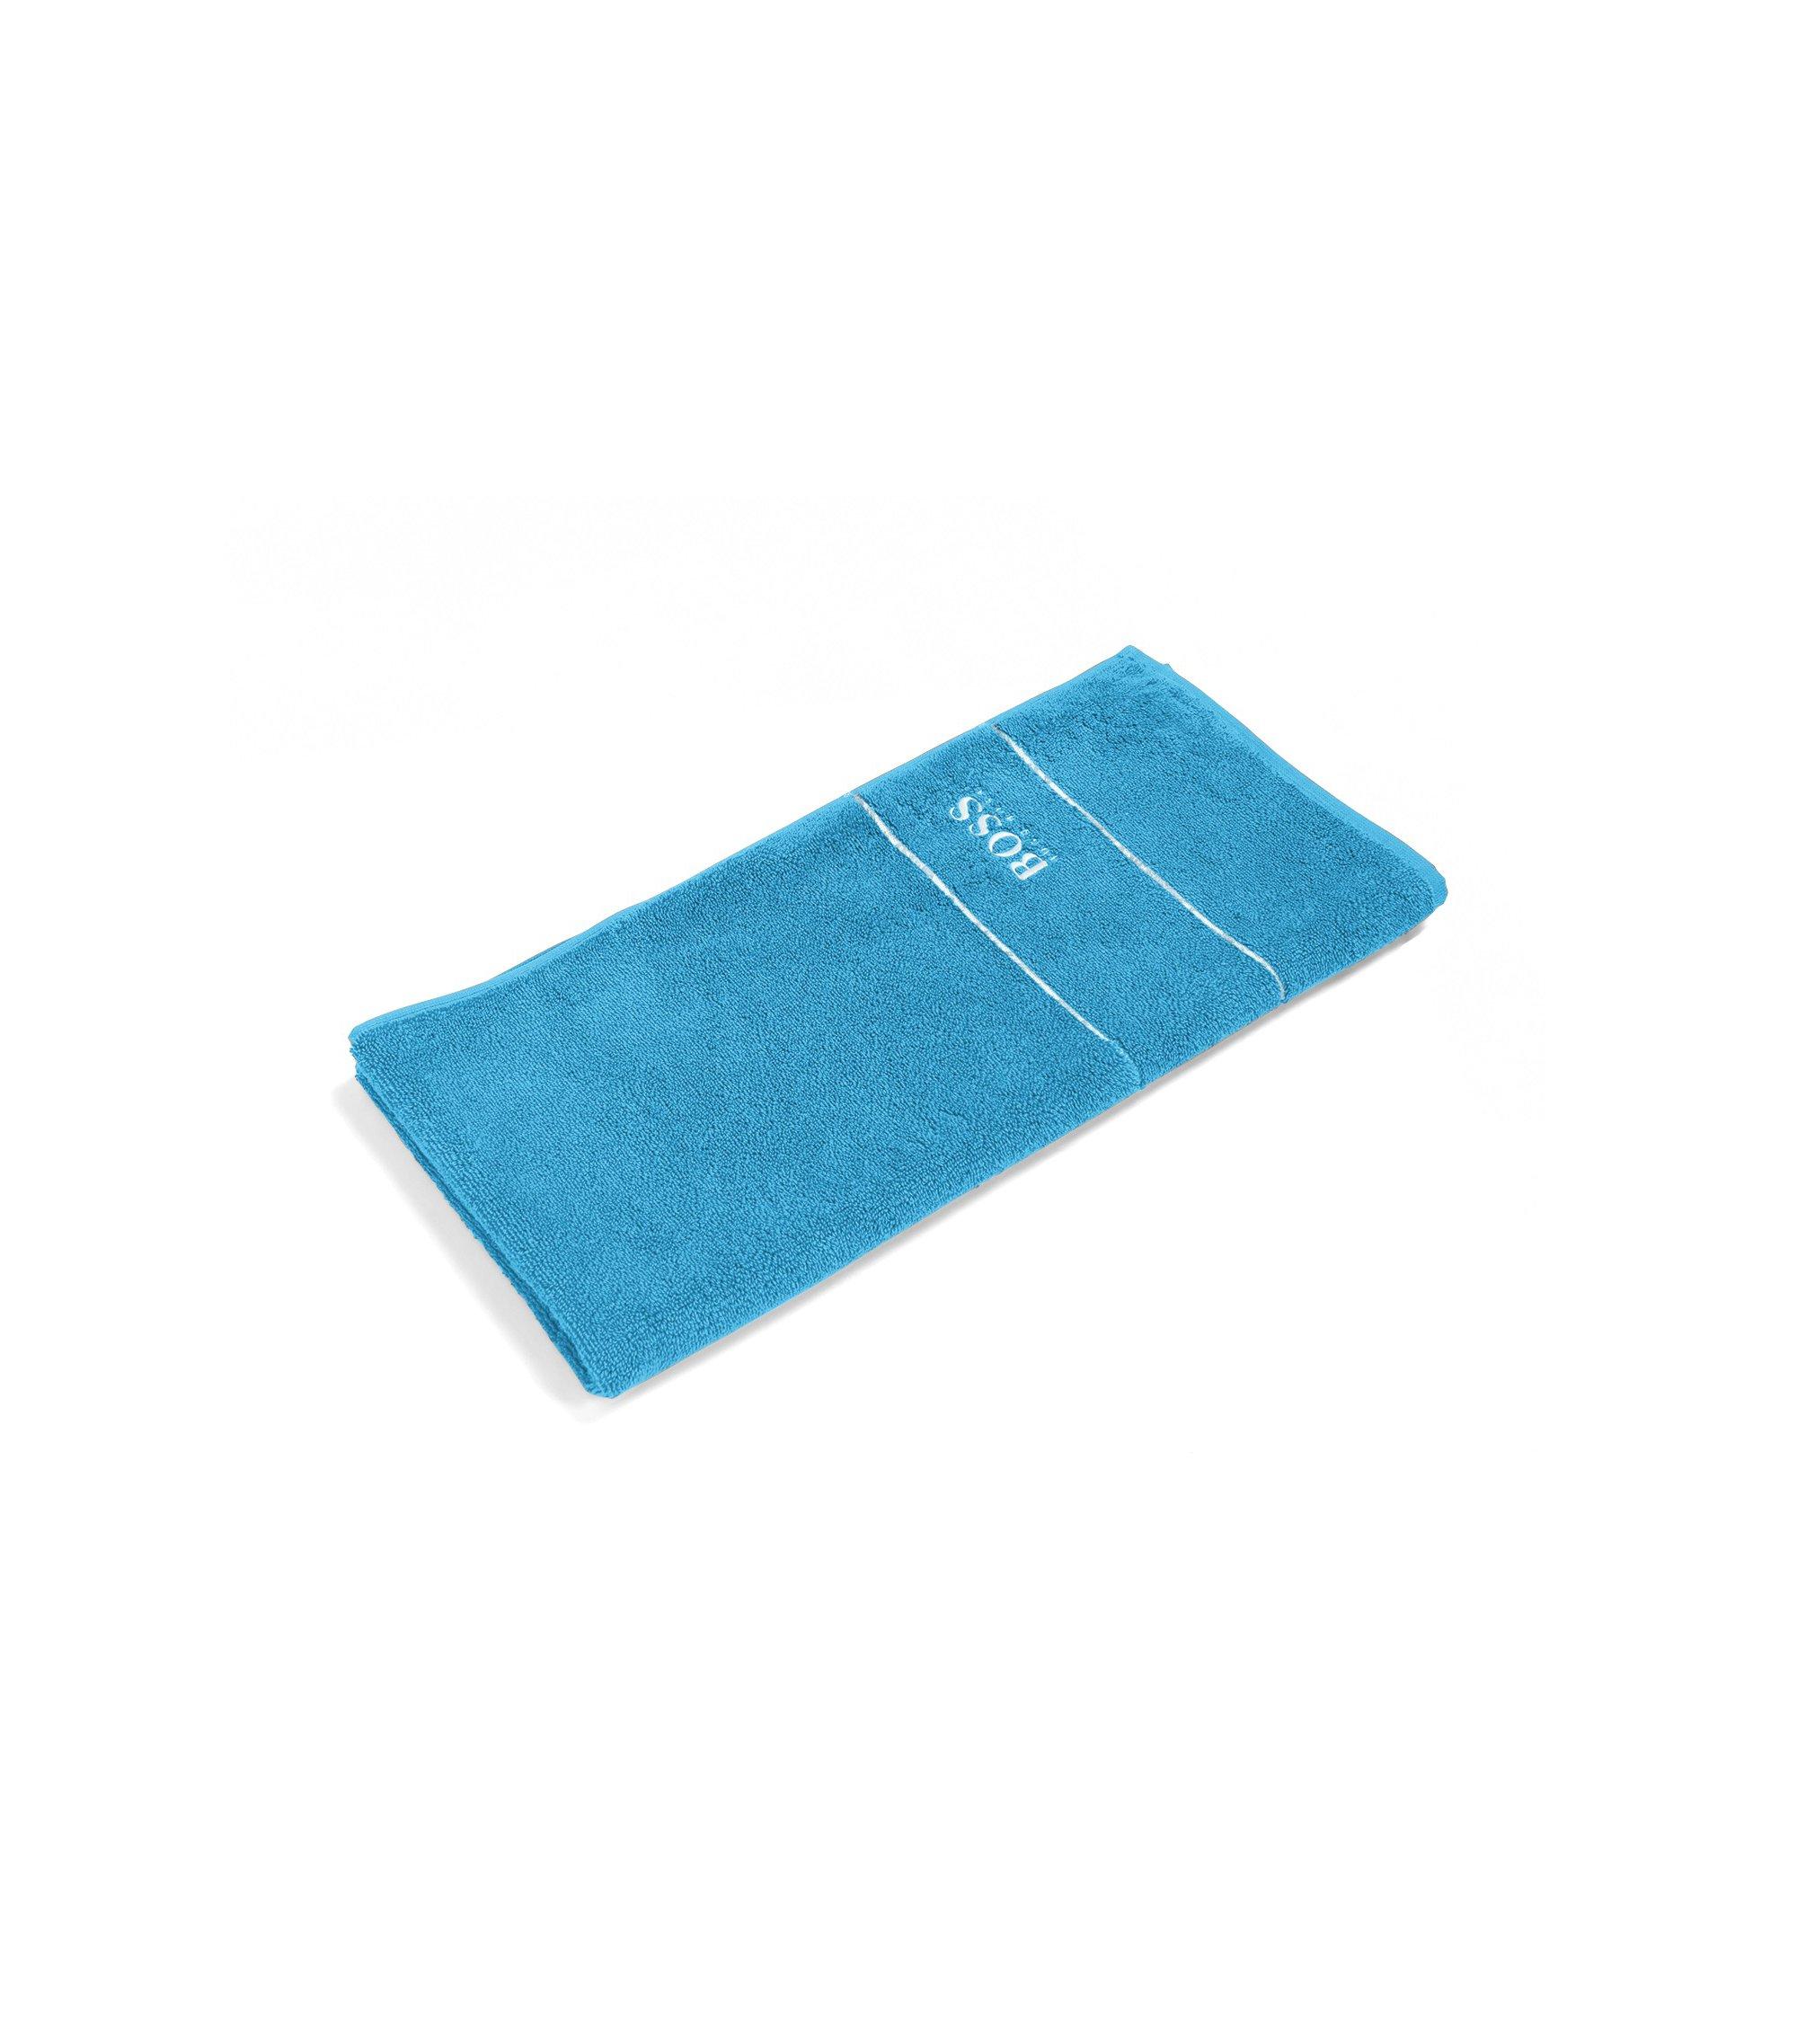 Handdoekje van de fijnste Egyptische katoen met rand met logo, Blauw